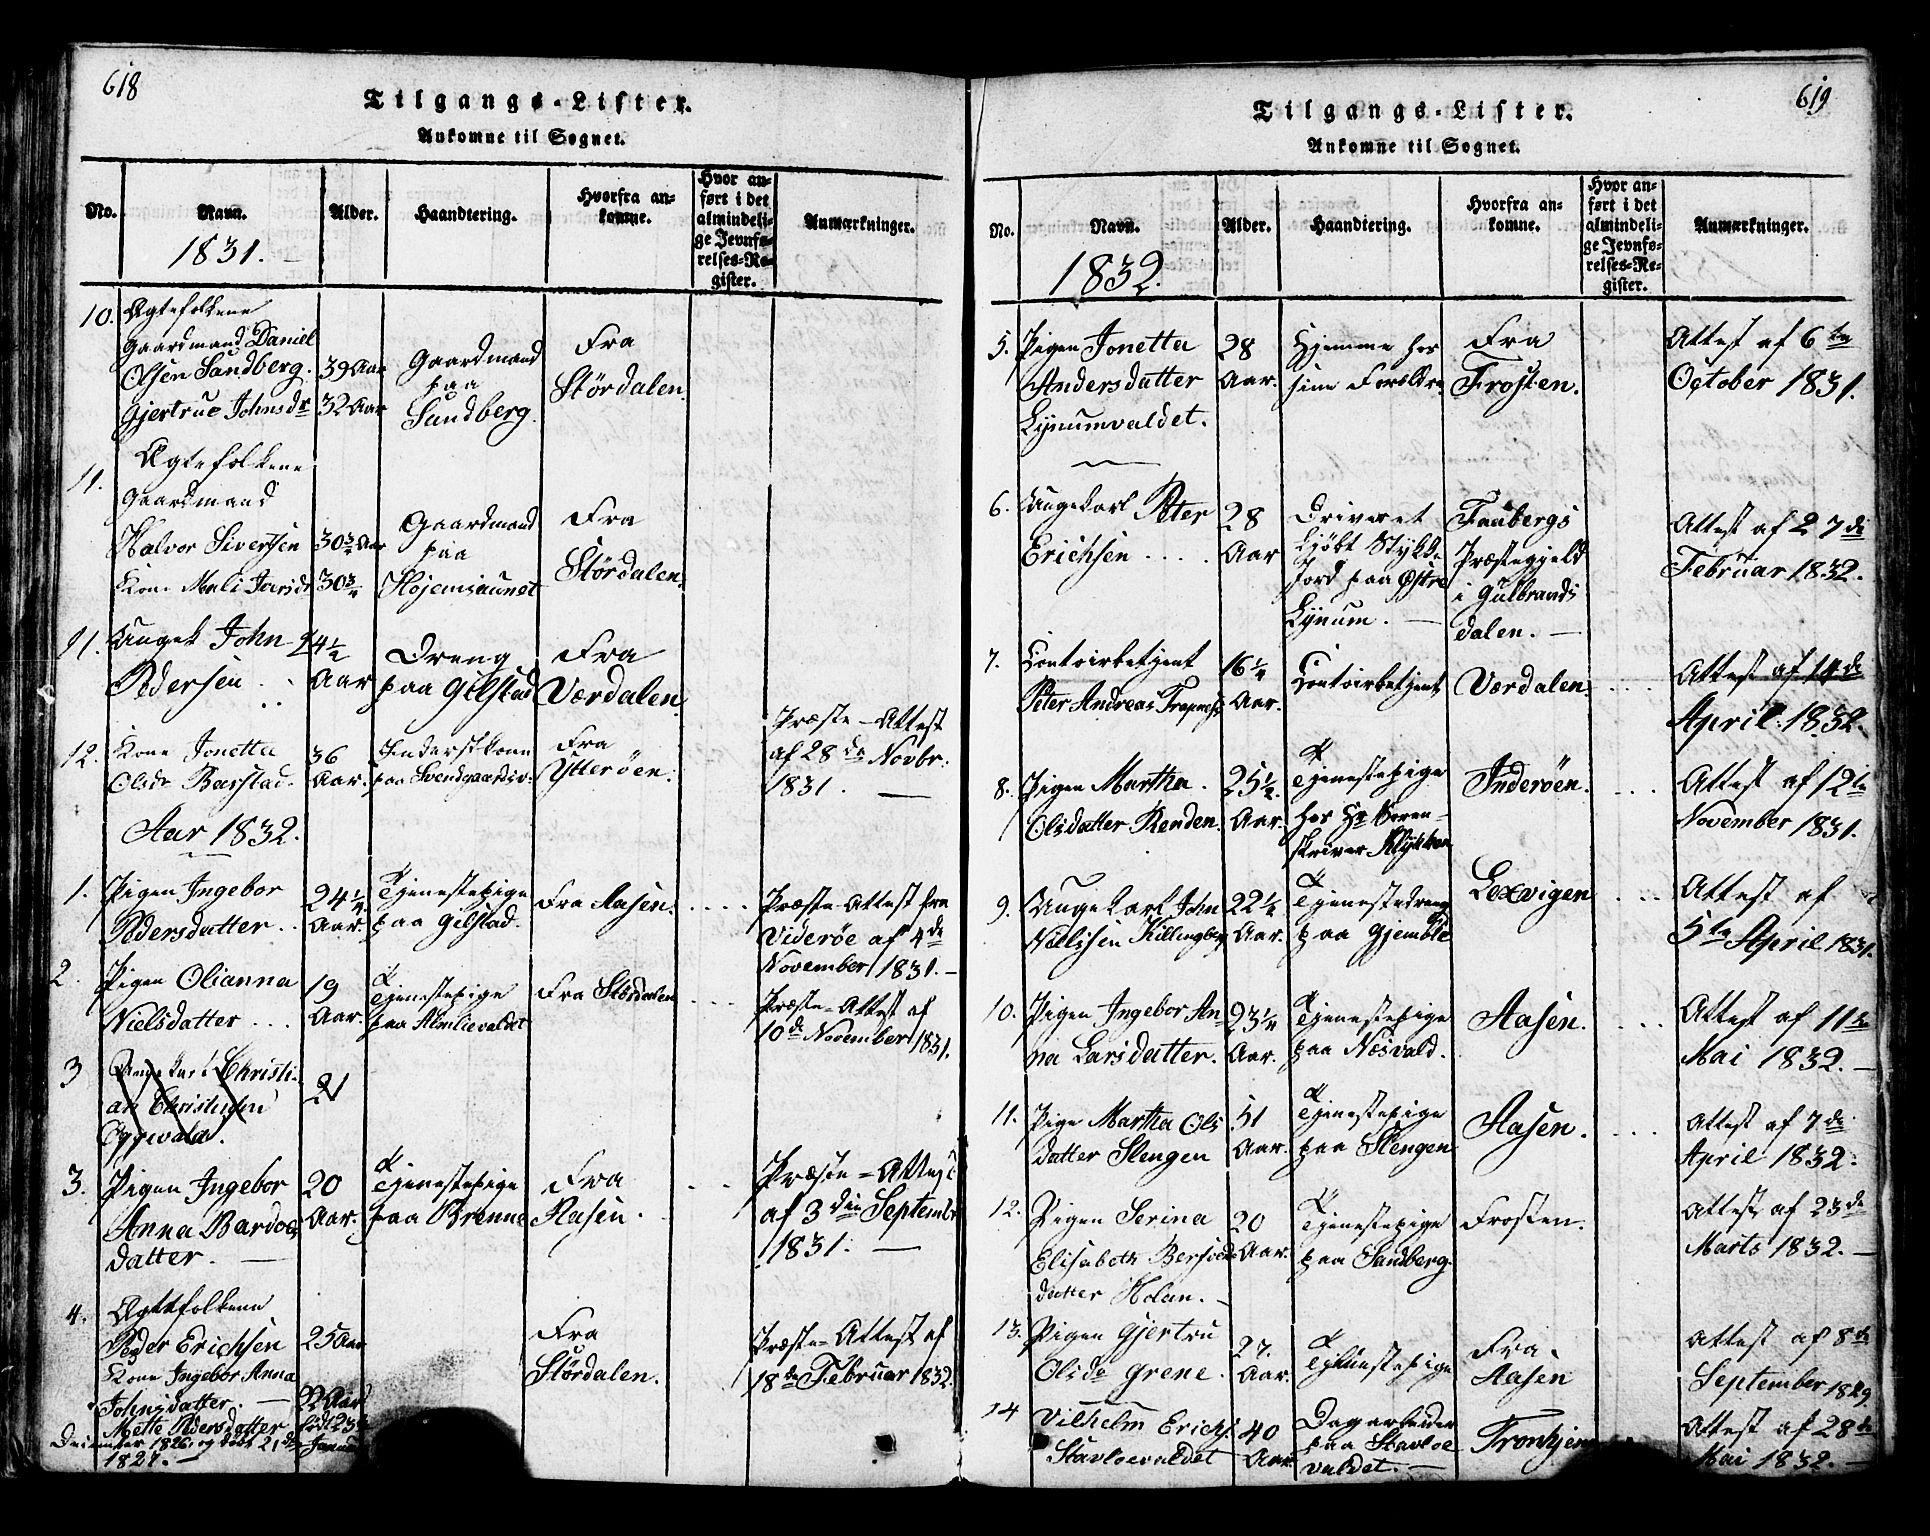 SAT, Ministerialprotokoller, klokkerbøker og fødselsregistre - Nord-Trøndelag, 717/L0169: Klokkerbok nr. 717C01, 1816-1834, s. 618-619